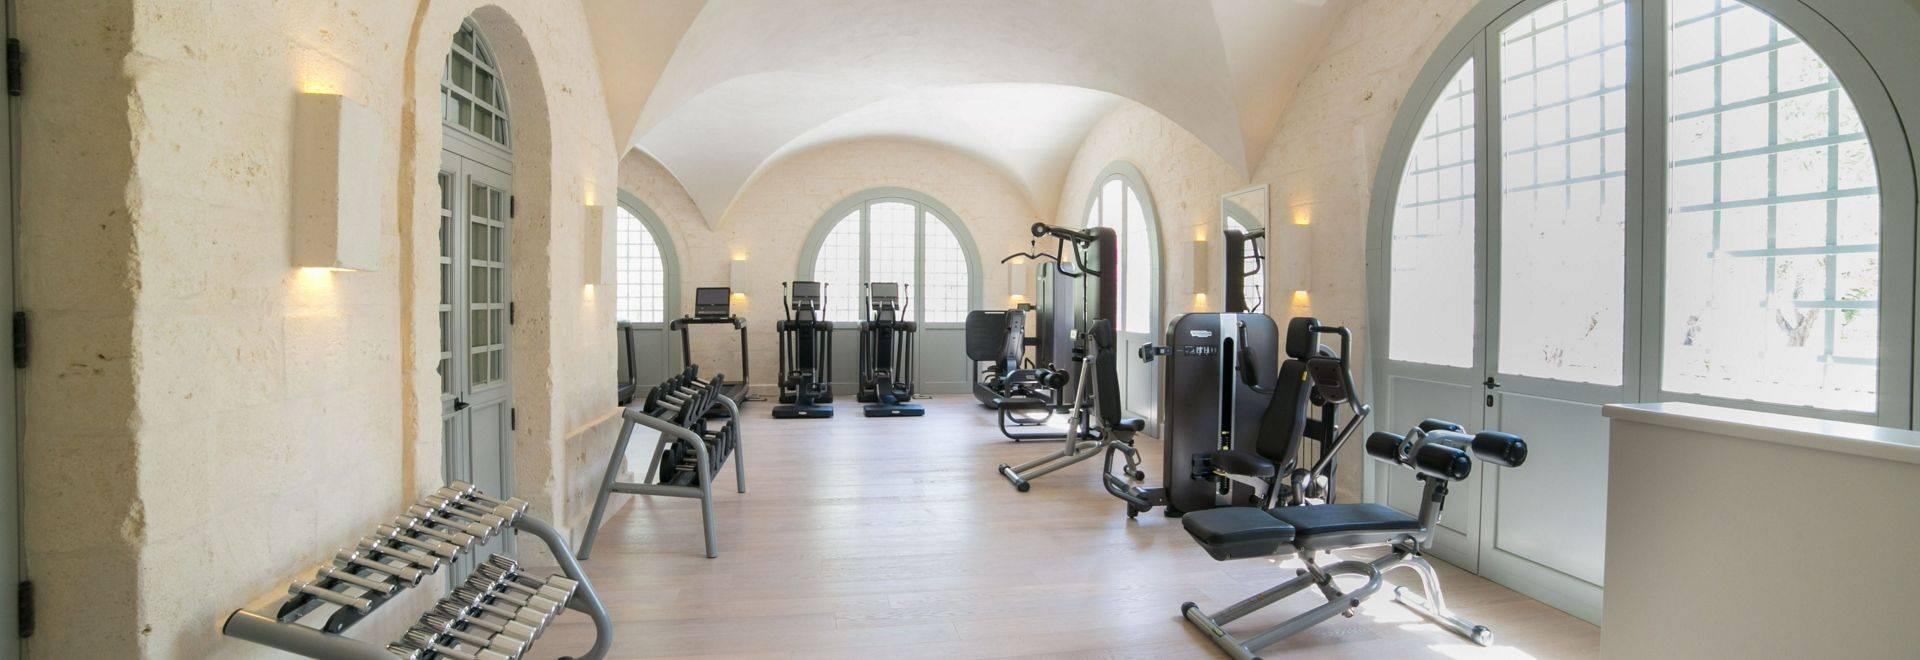 Borgo Egnazia Fitness Centre